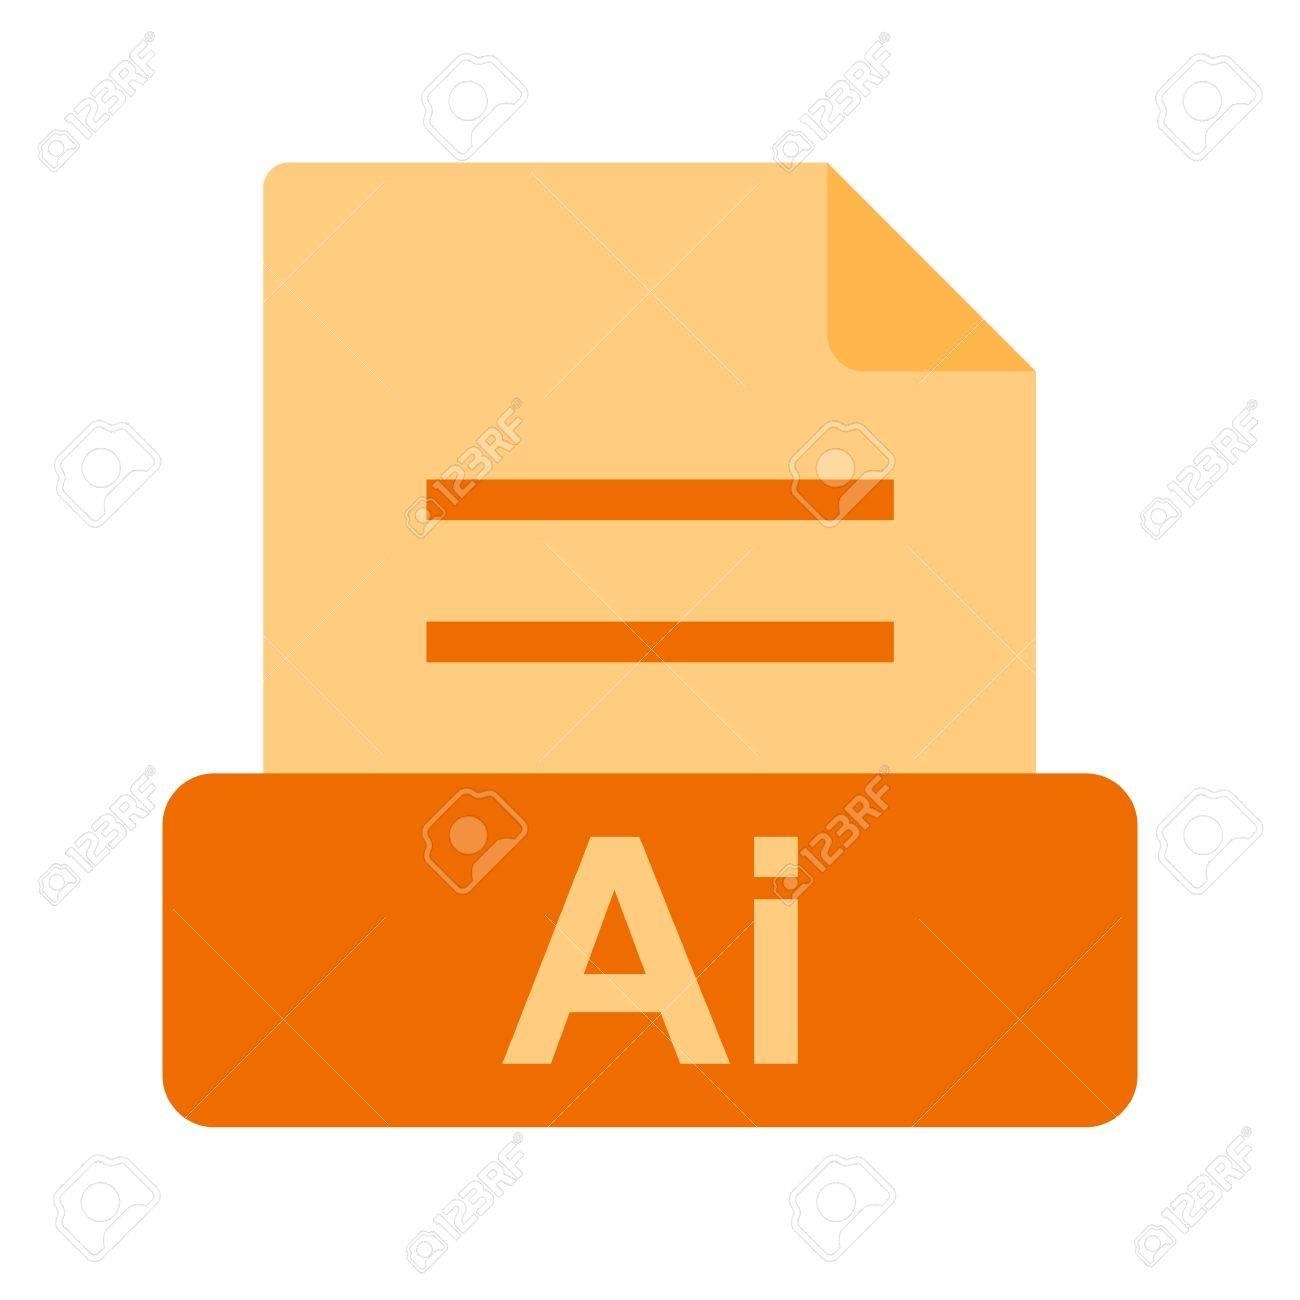 AI file icon Stock Vector - 45612379